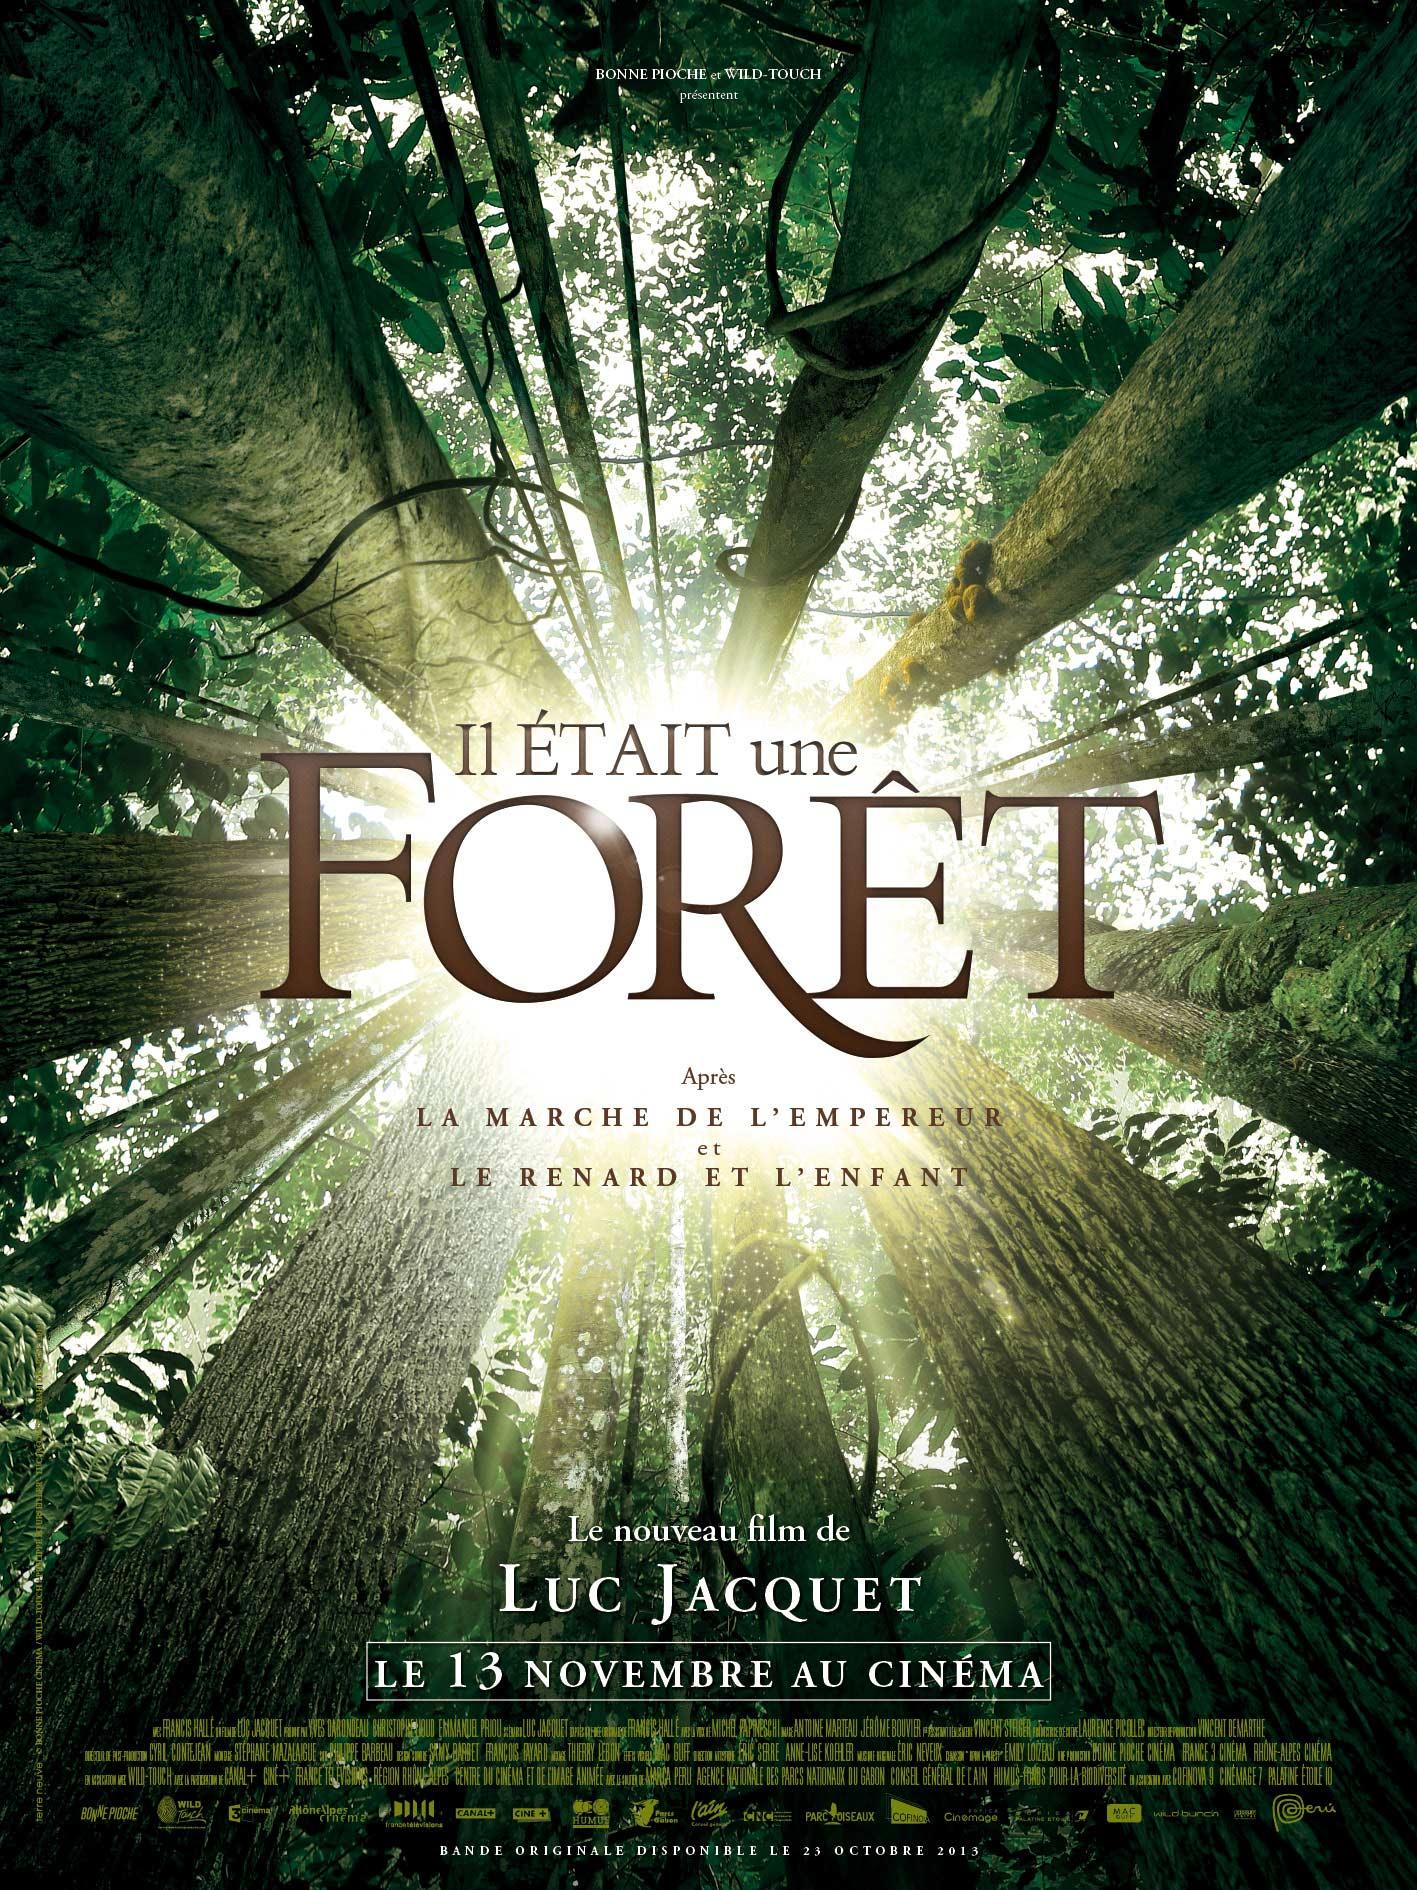 il était une foret de Luc Jacquet // www.sweetberry.fr